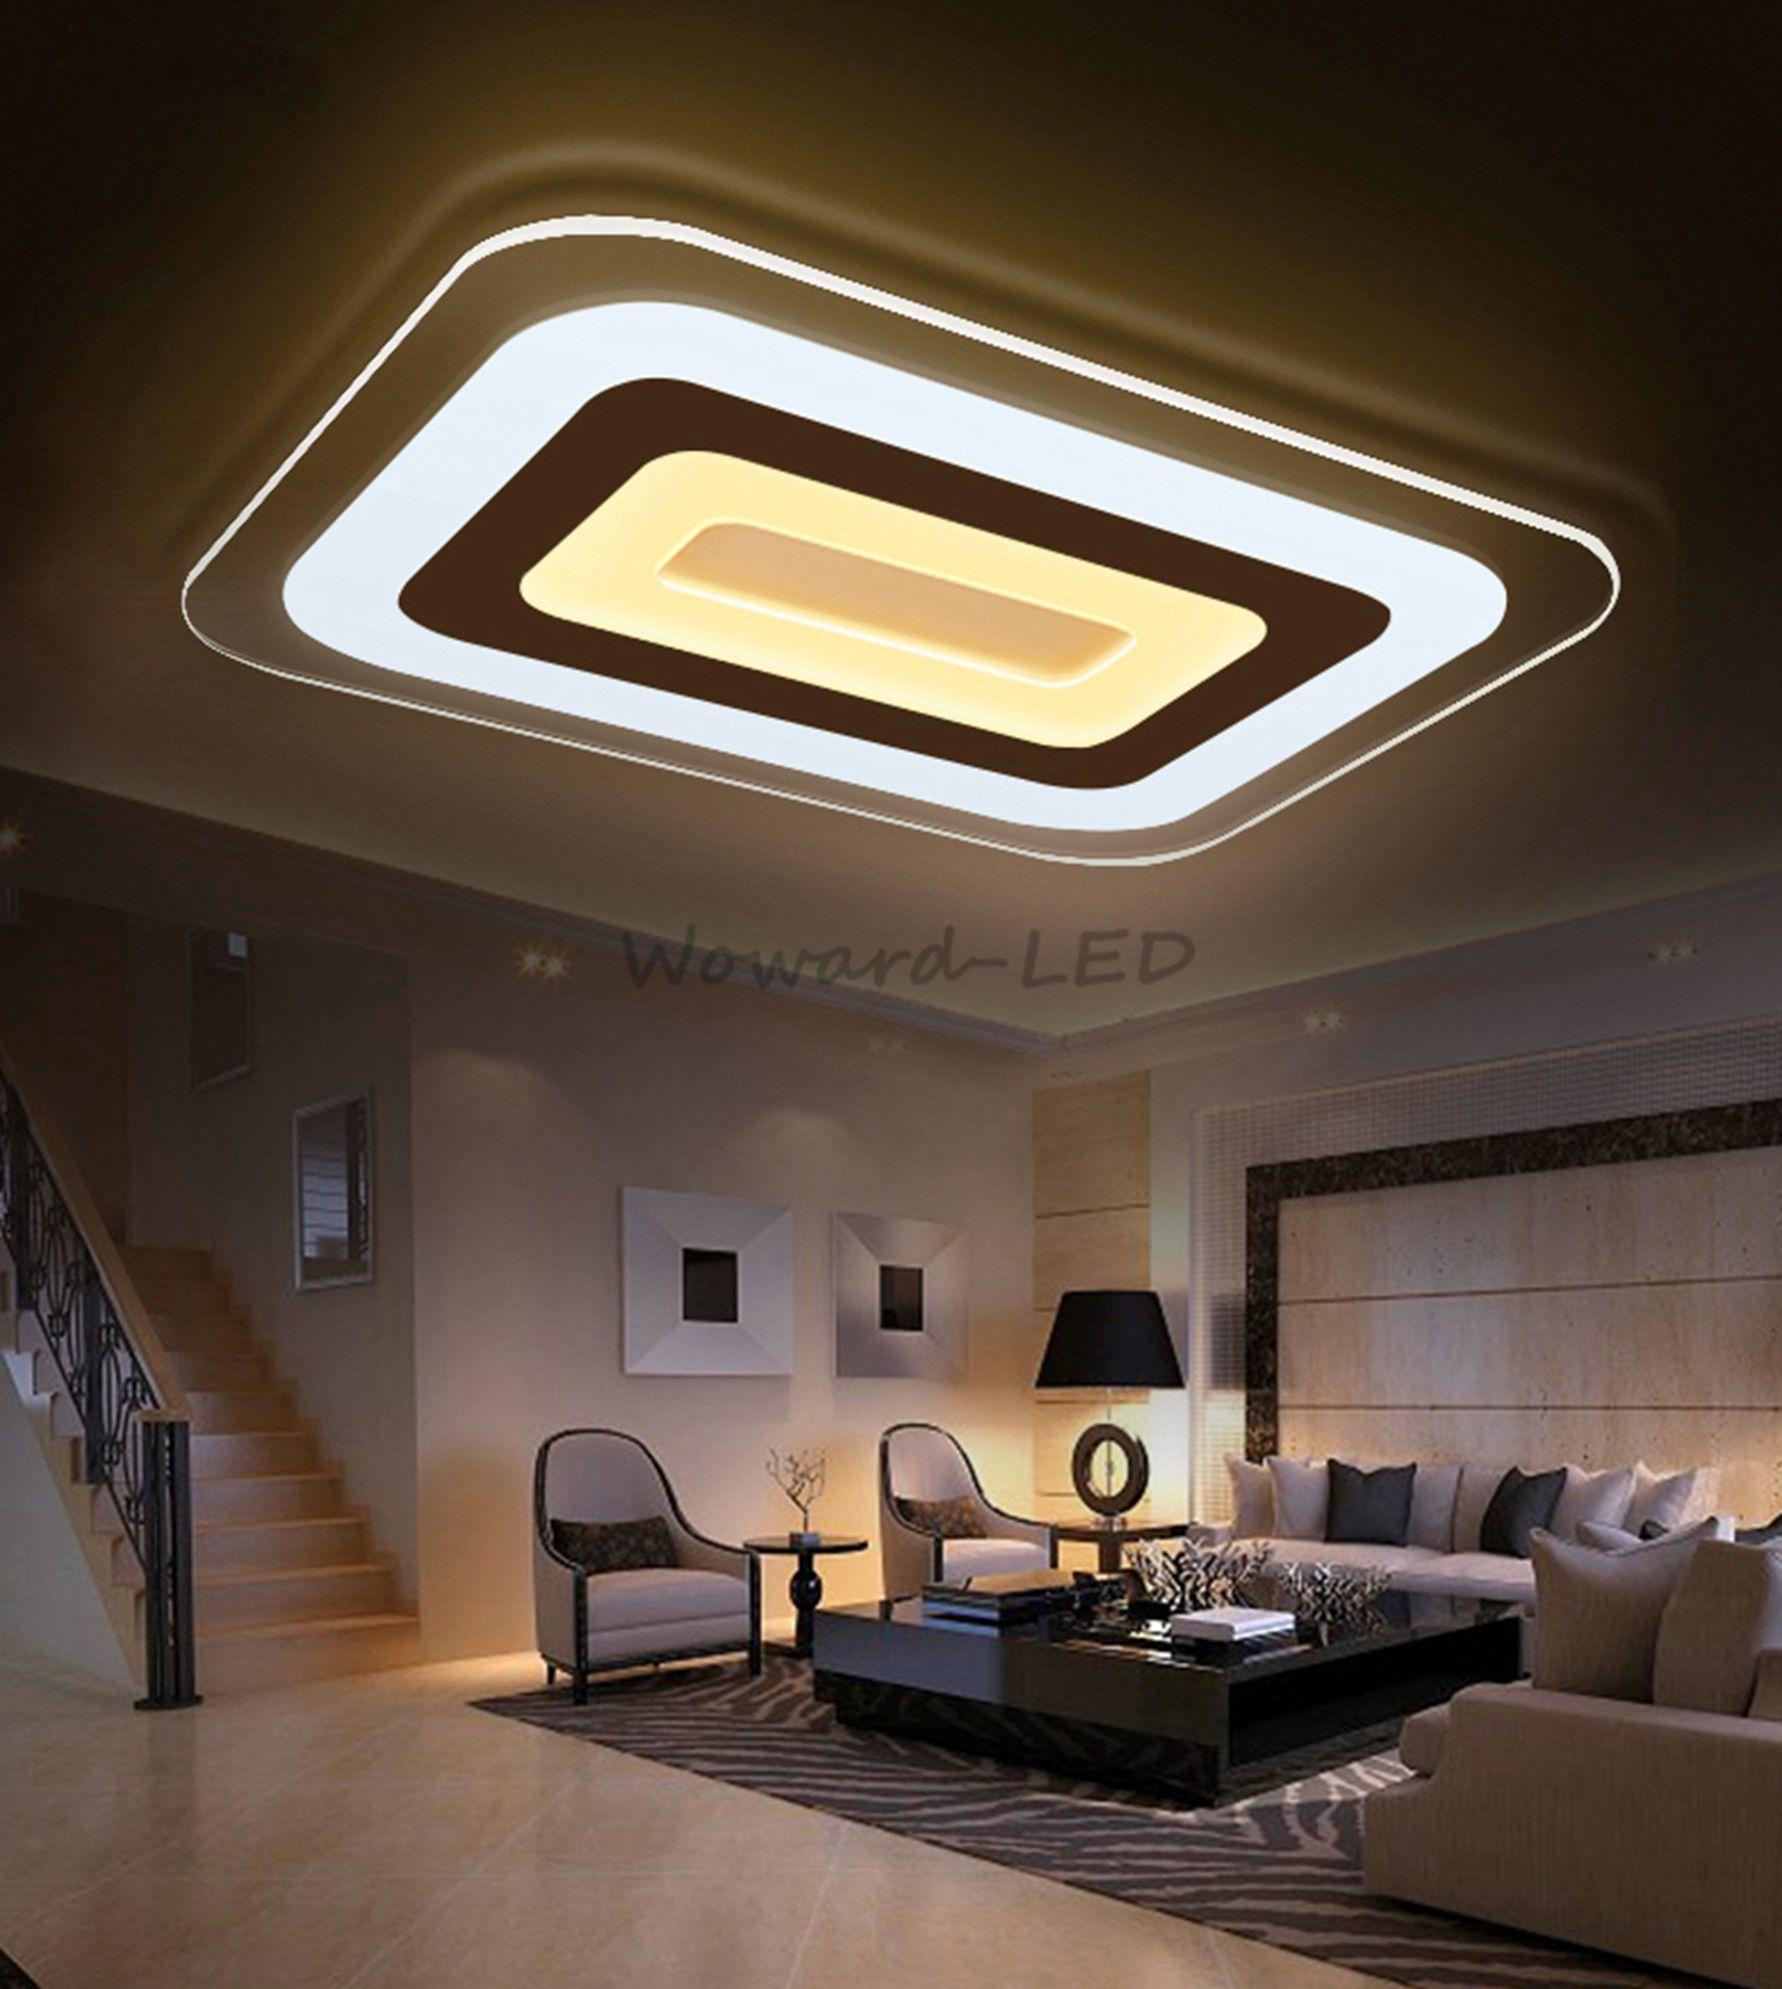 Led deckenlampen decken leuchte 16w bis 114w dimmbar lampe - Wohnzimmer deckenlampe ...